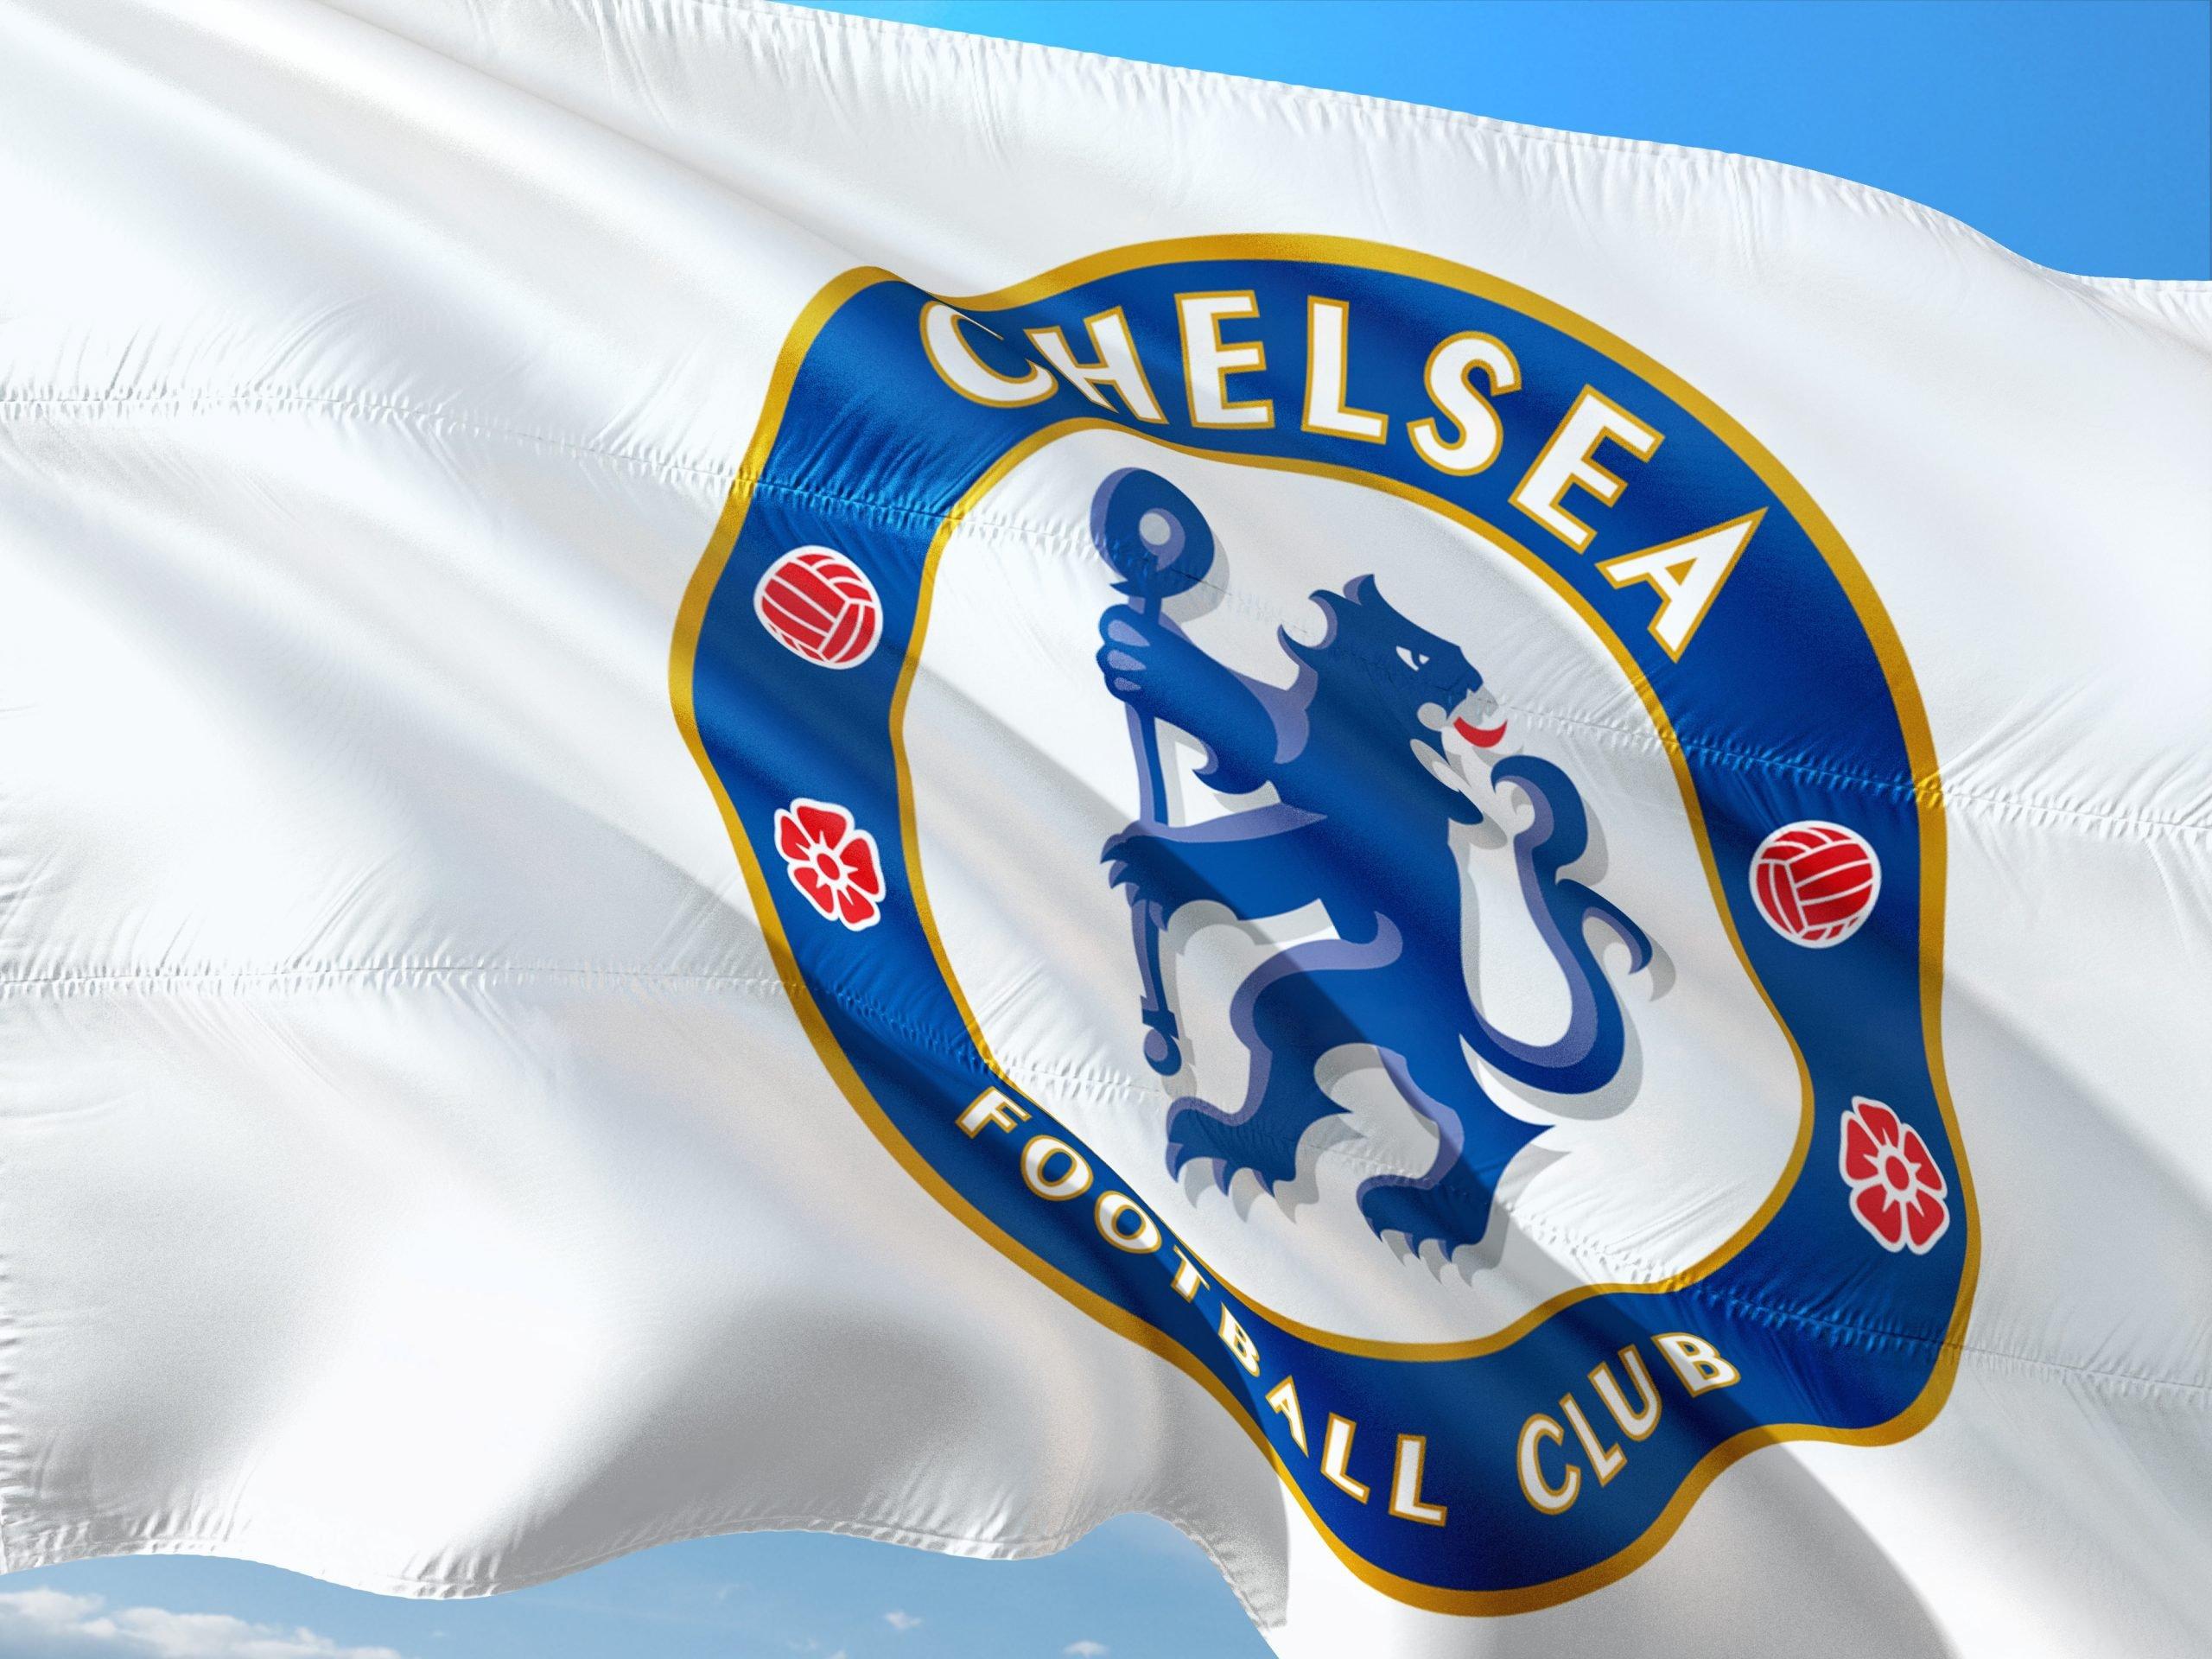 https://pixabay.com/de/photos/fu%C3%9Fball-soccer-europe-europa-uefa-2699594/